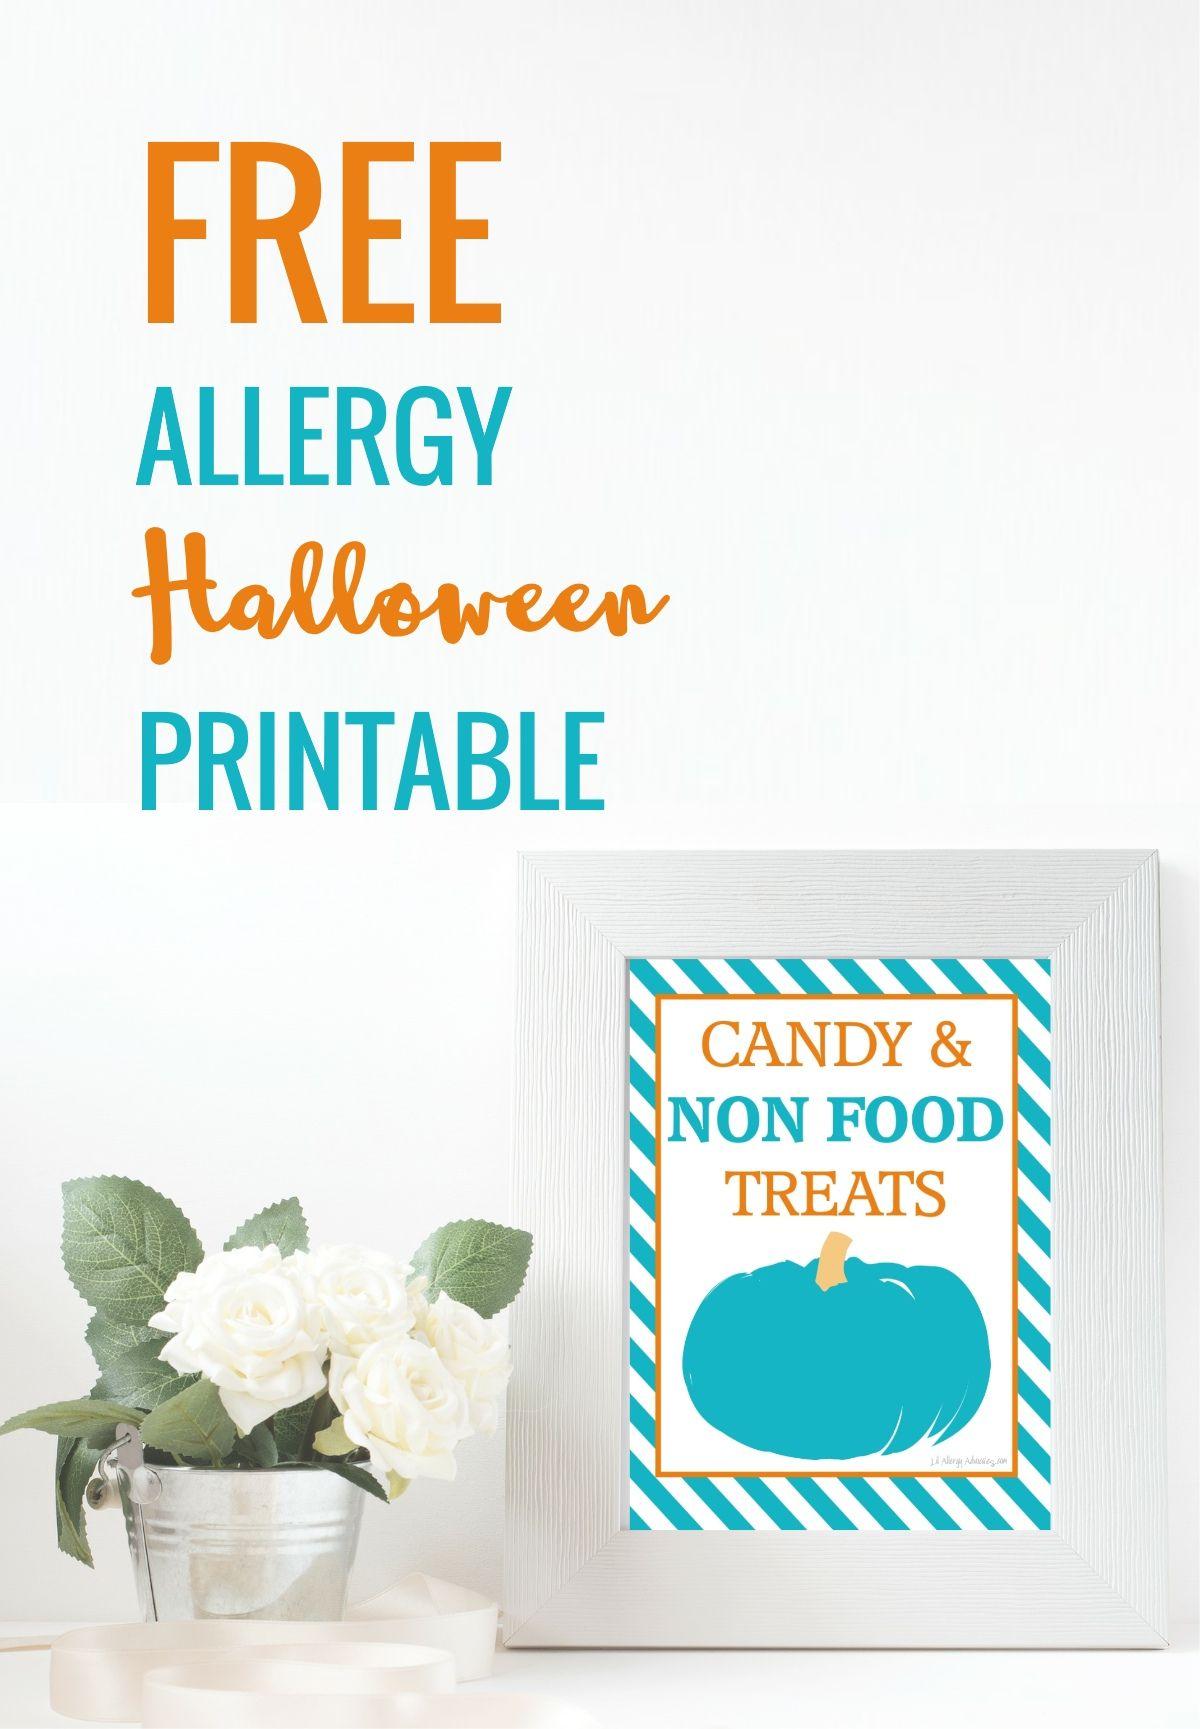 photograph regarding Teal Pumpkin Printable identified as No cost printable teal pumpkin poster for Halloween. Non Sweet